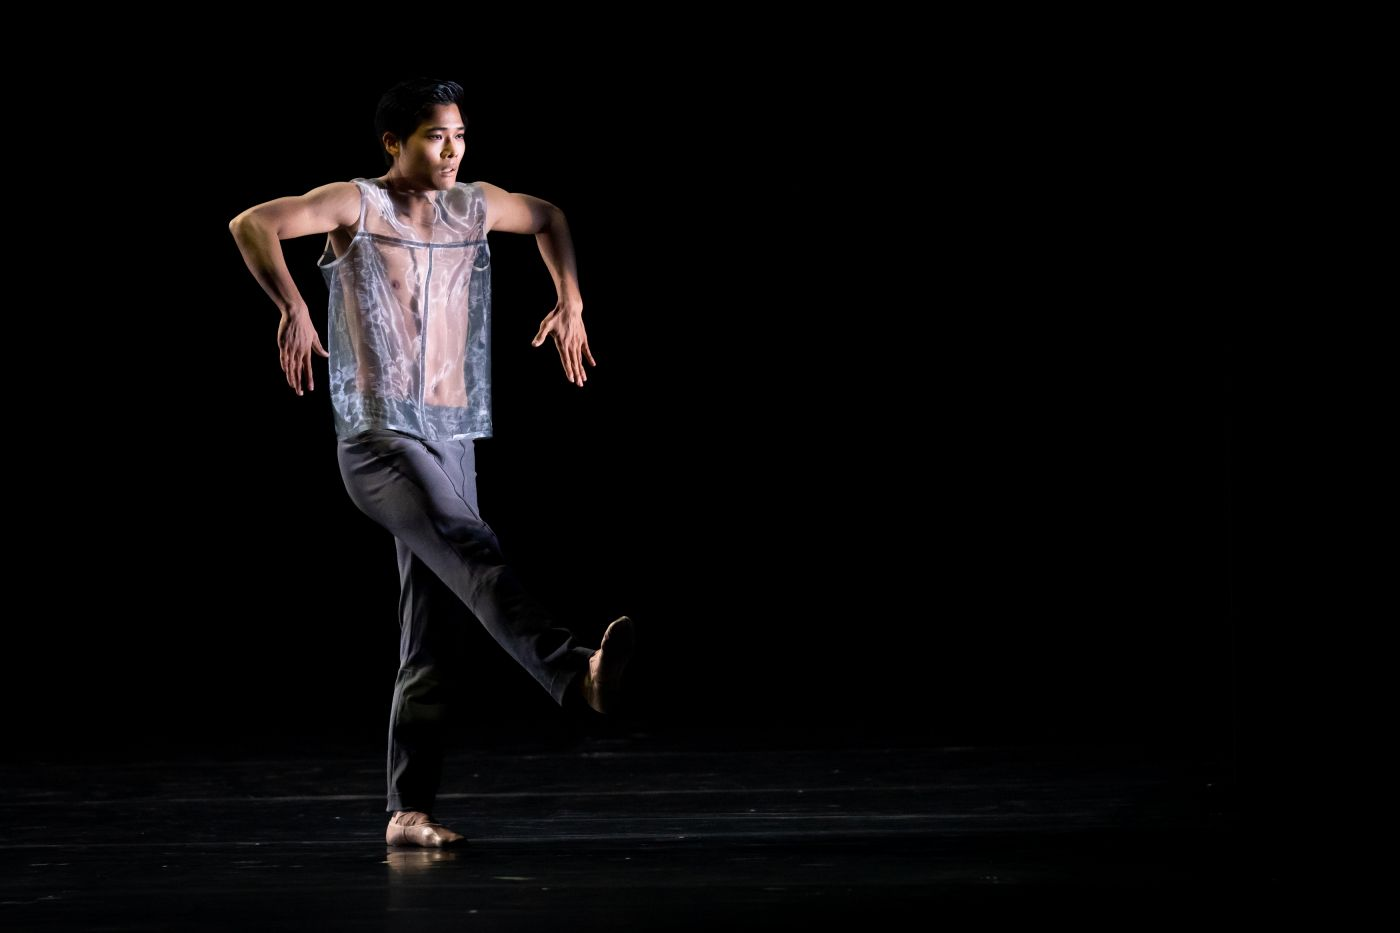 Het Nationale Ballet - Manoeuvre © Michel Schnater - NOBDAT01-142